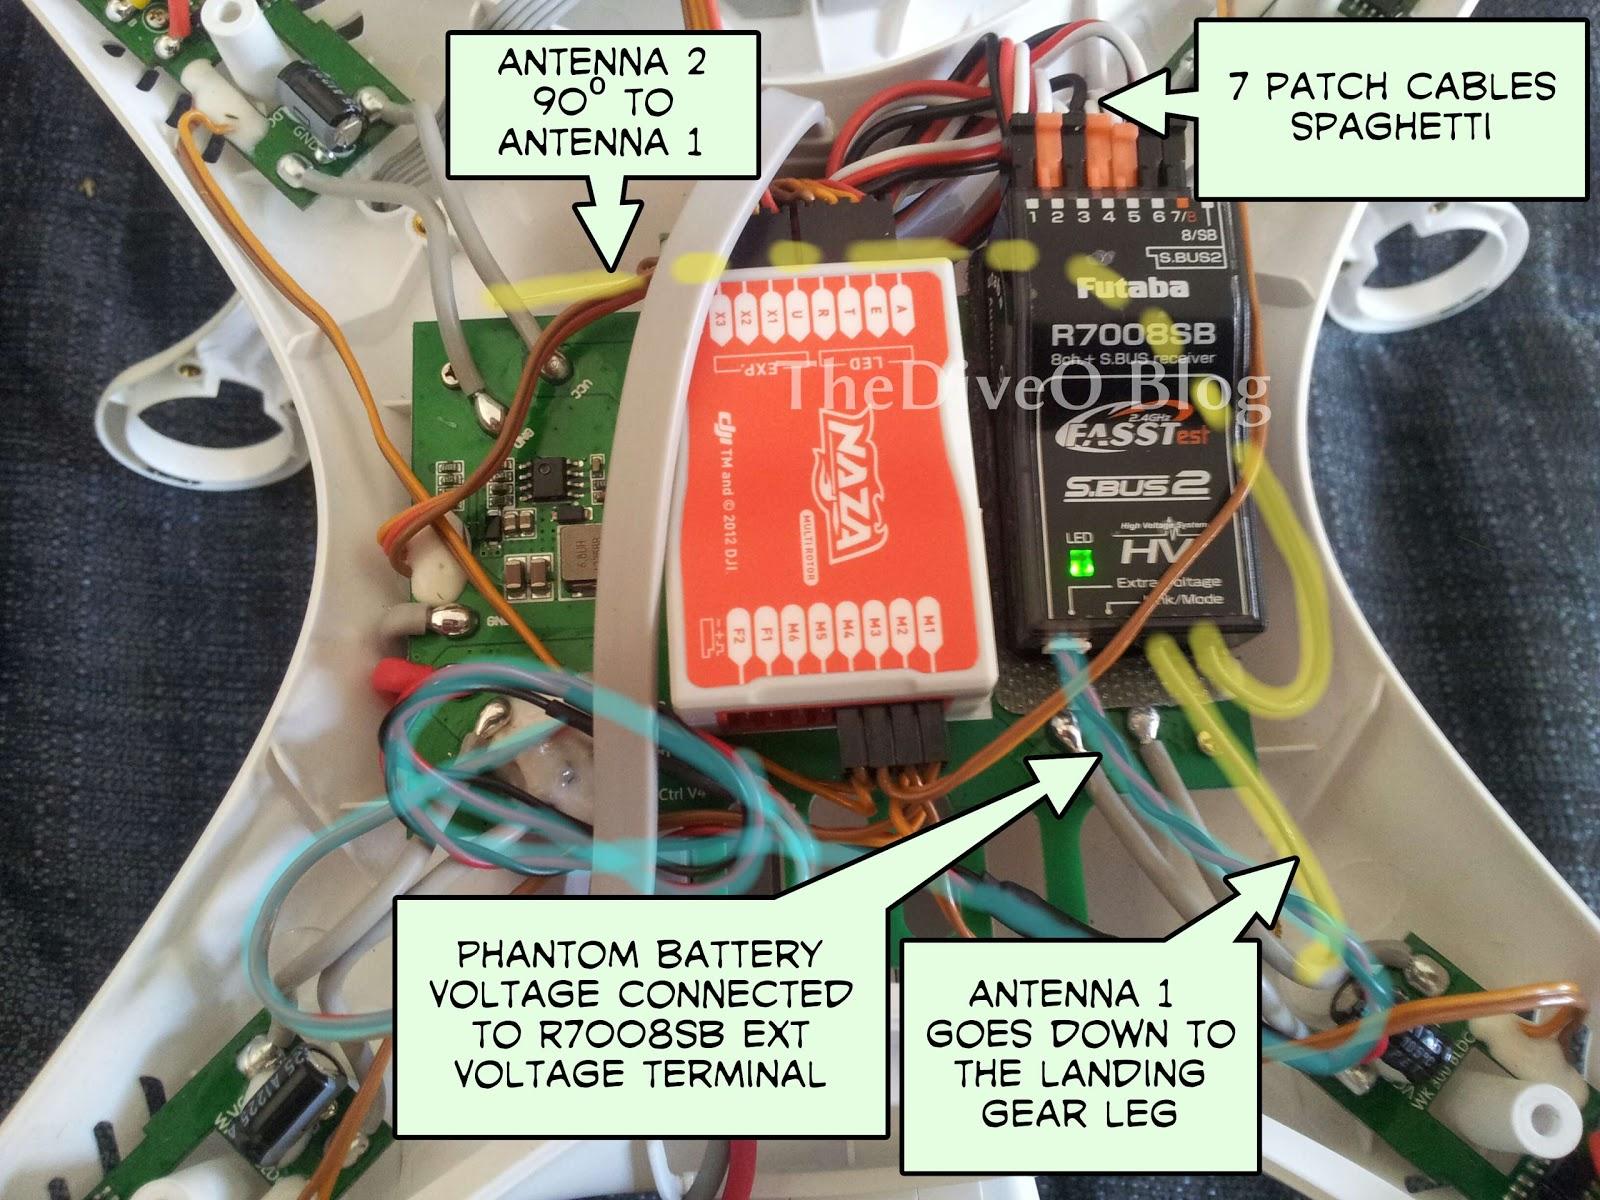 dji phantom naza m wiring wiring diagram services \u2022 osd wiring dji phantom naza m wiring images gallery